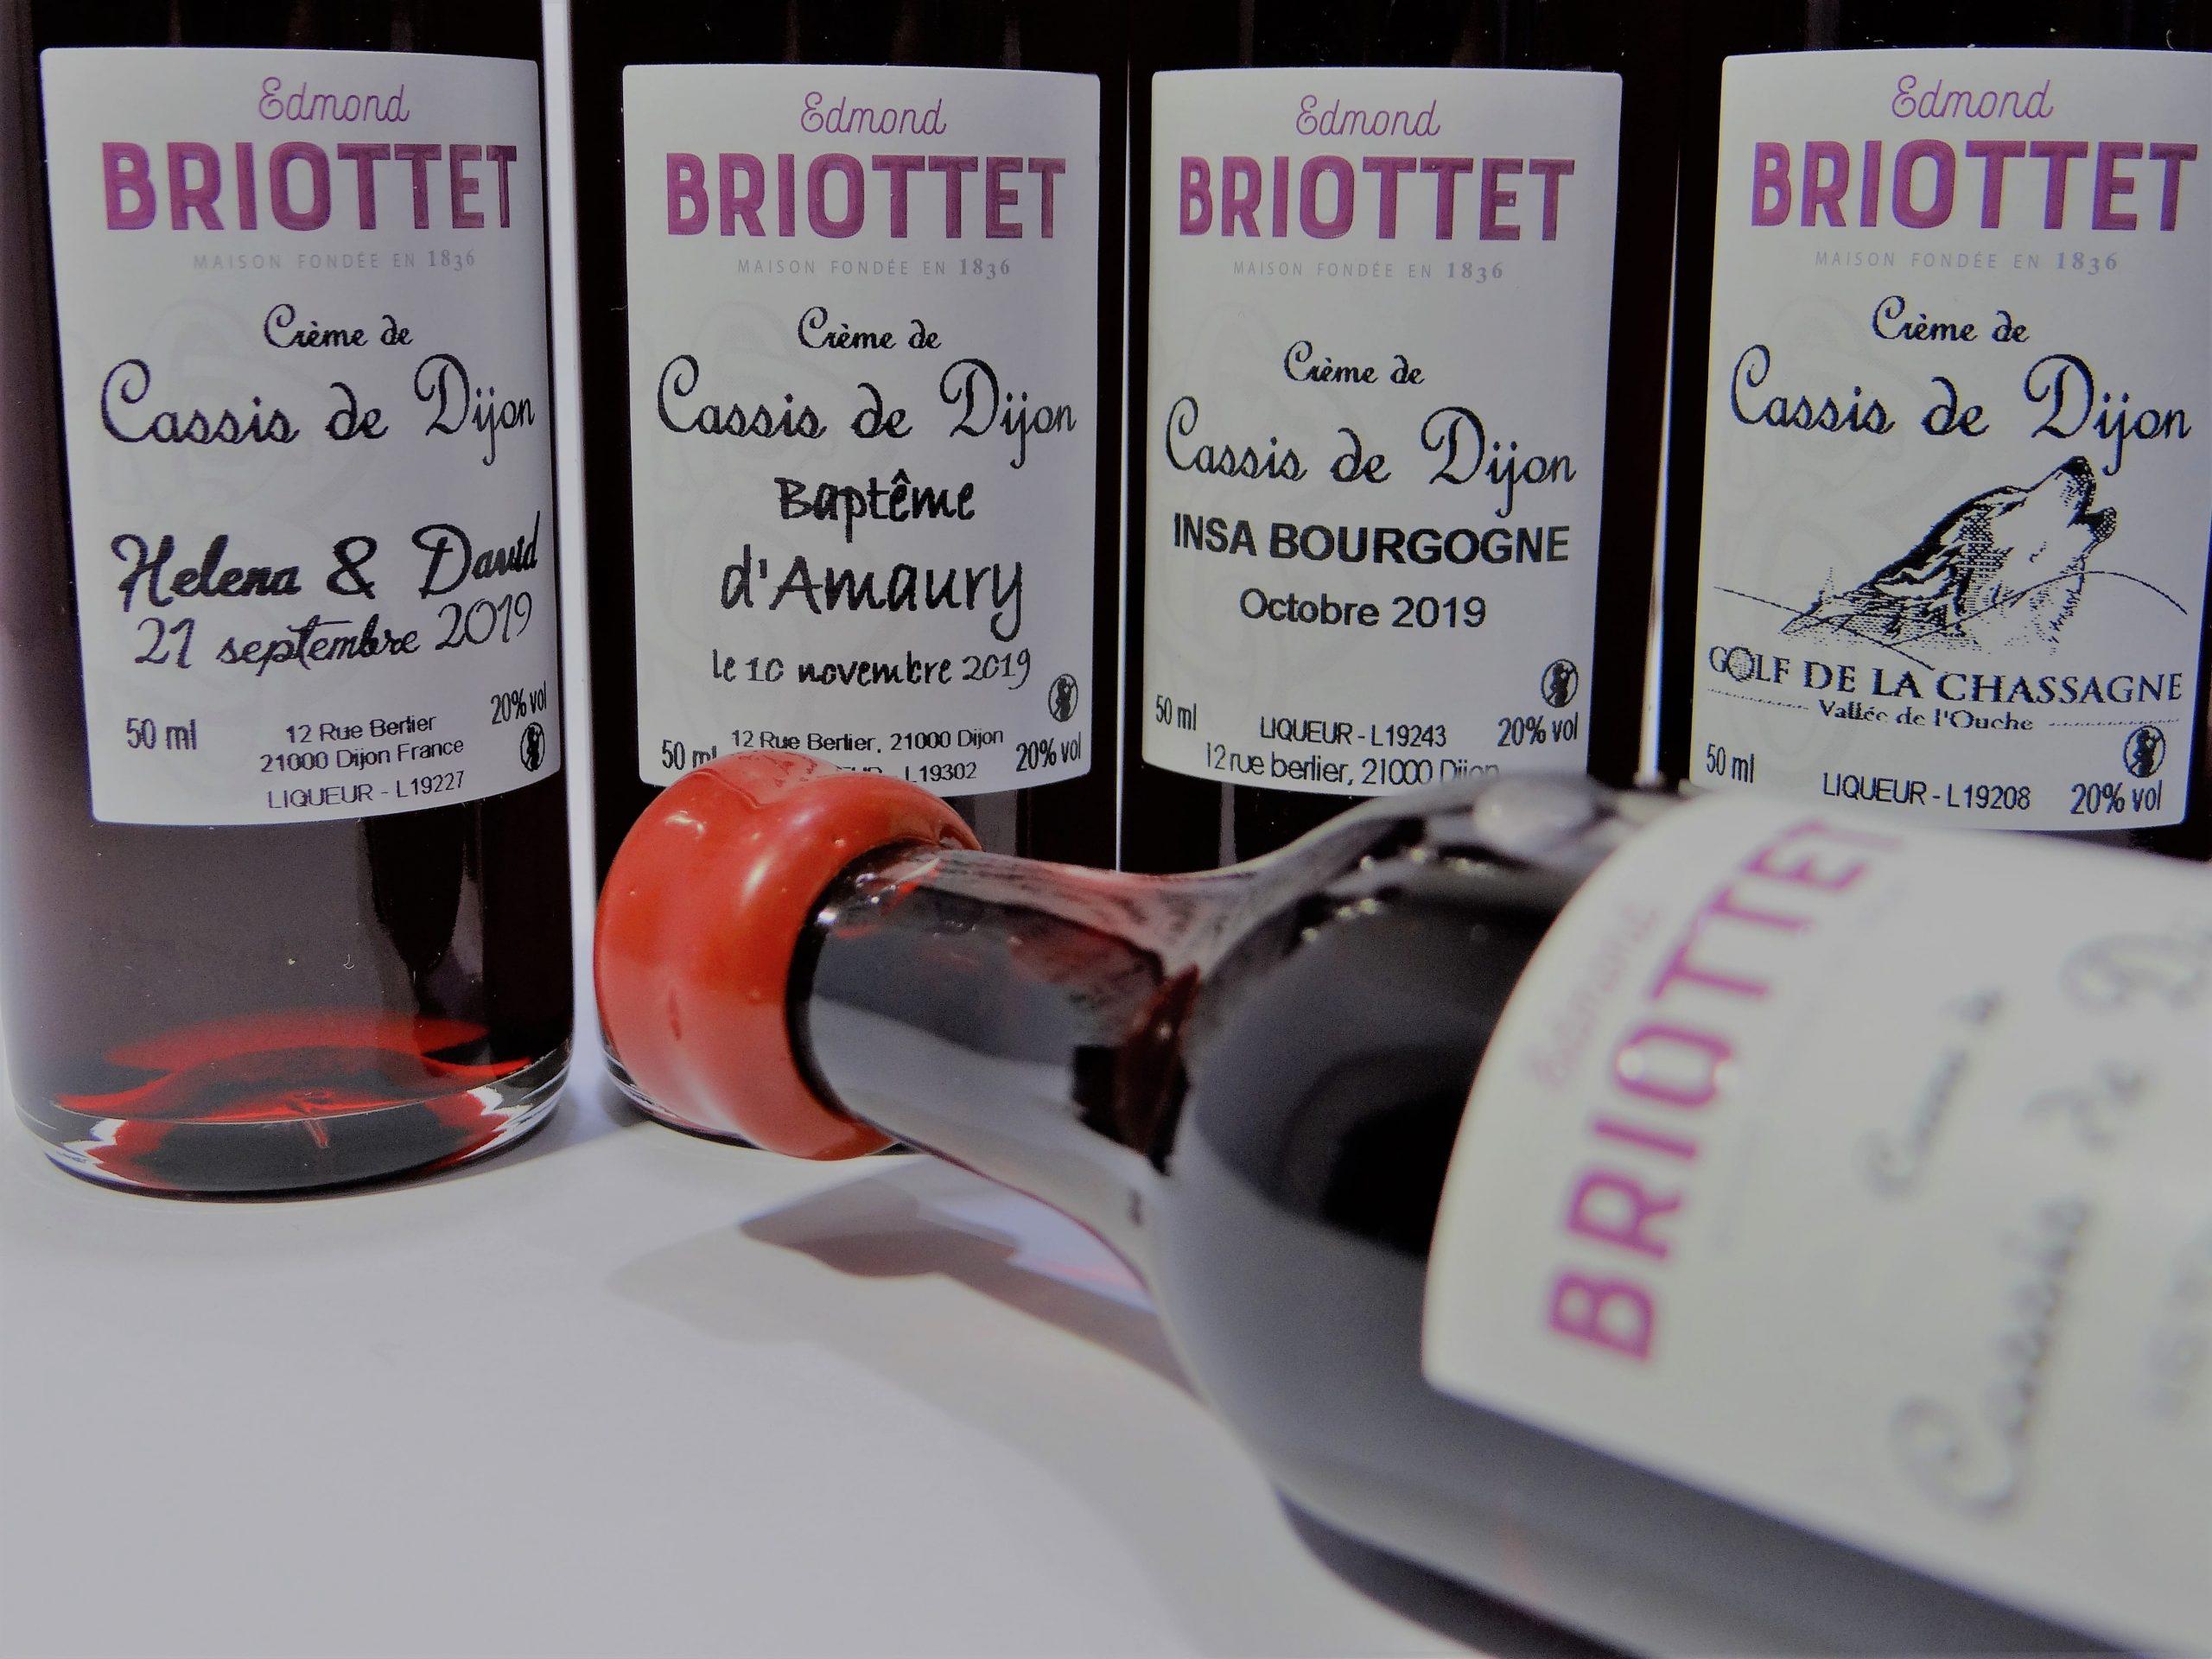 Briottet Etiquette personnalisee carafe